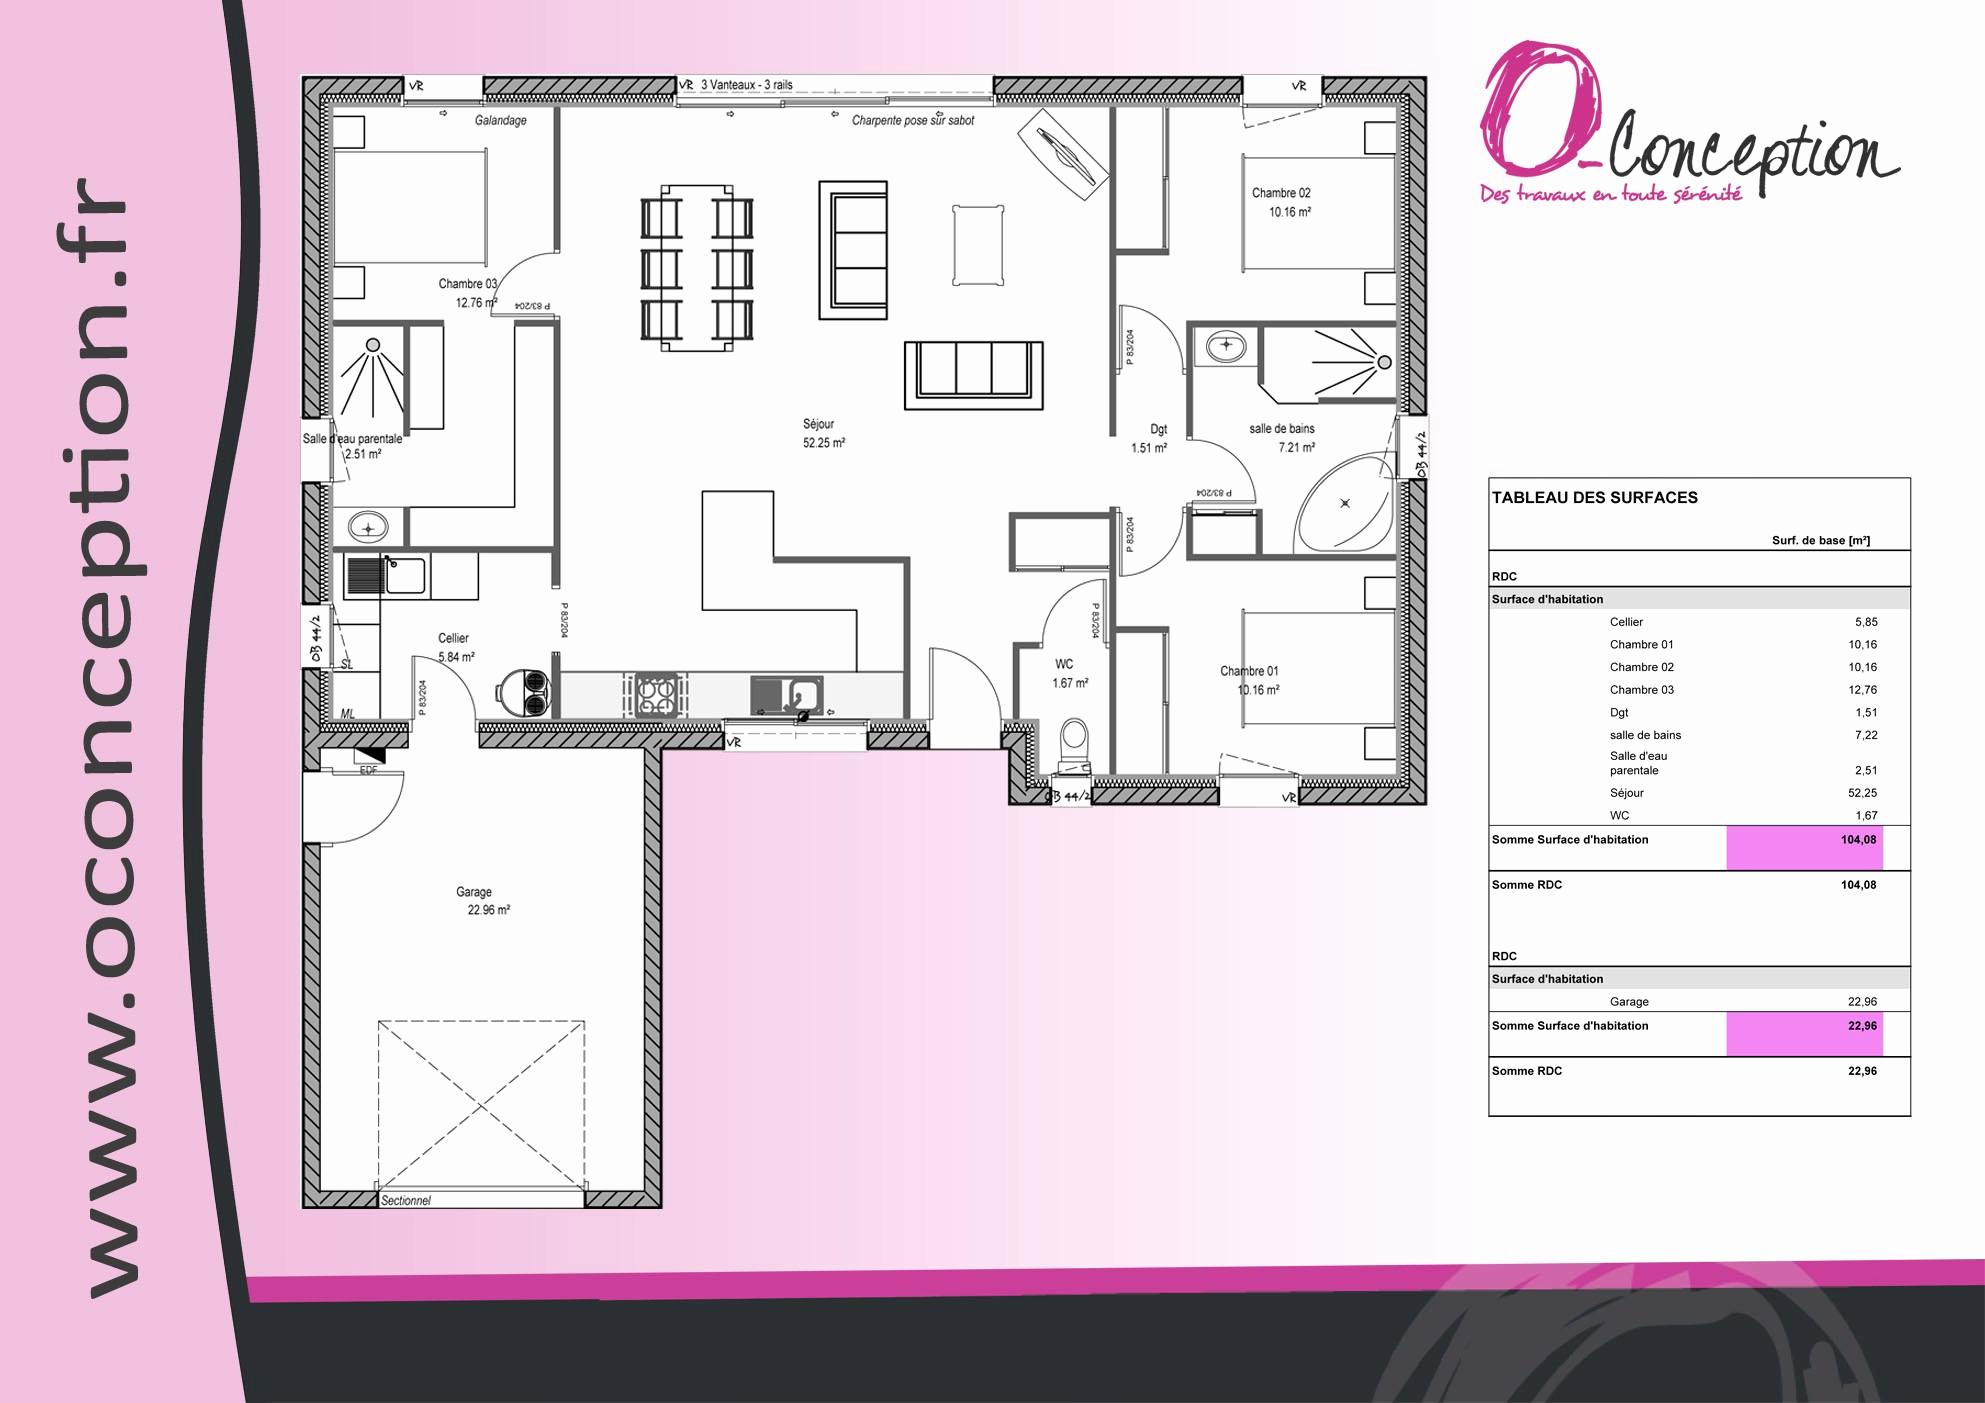 Plan Chambre Avec Dressing Inspirant Image Plan De Dressing Chambre Plan Suite Parentale 12m2 Chambre Parentale